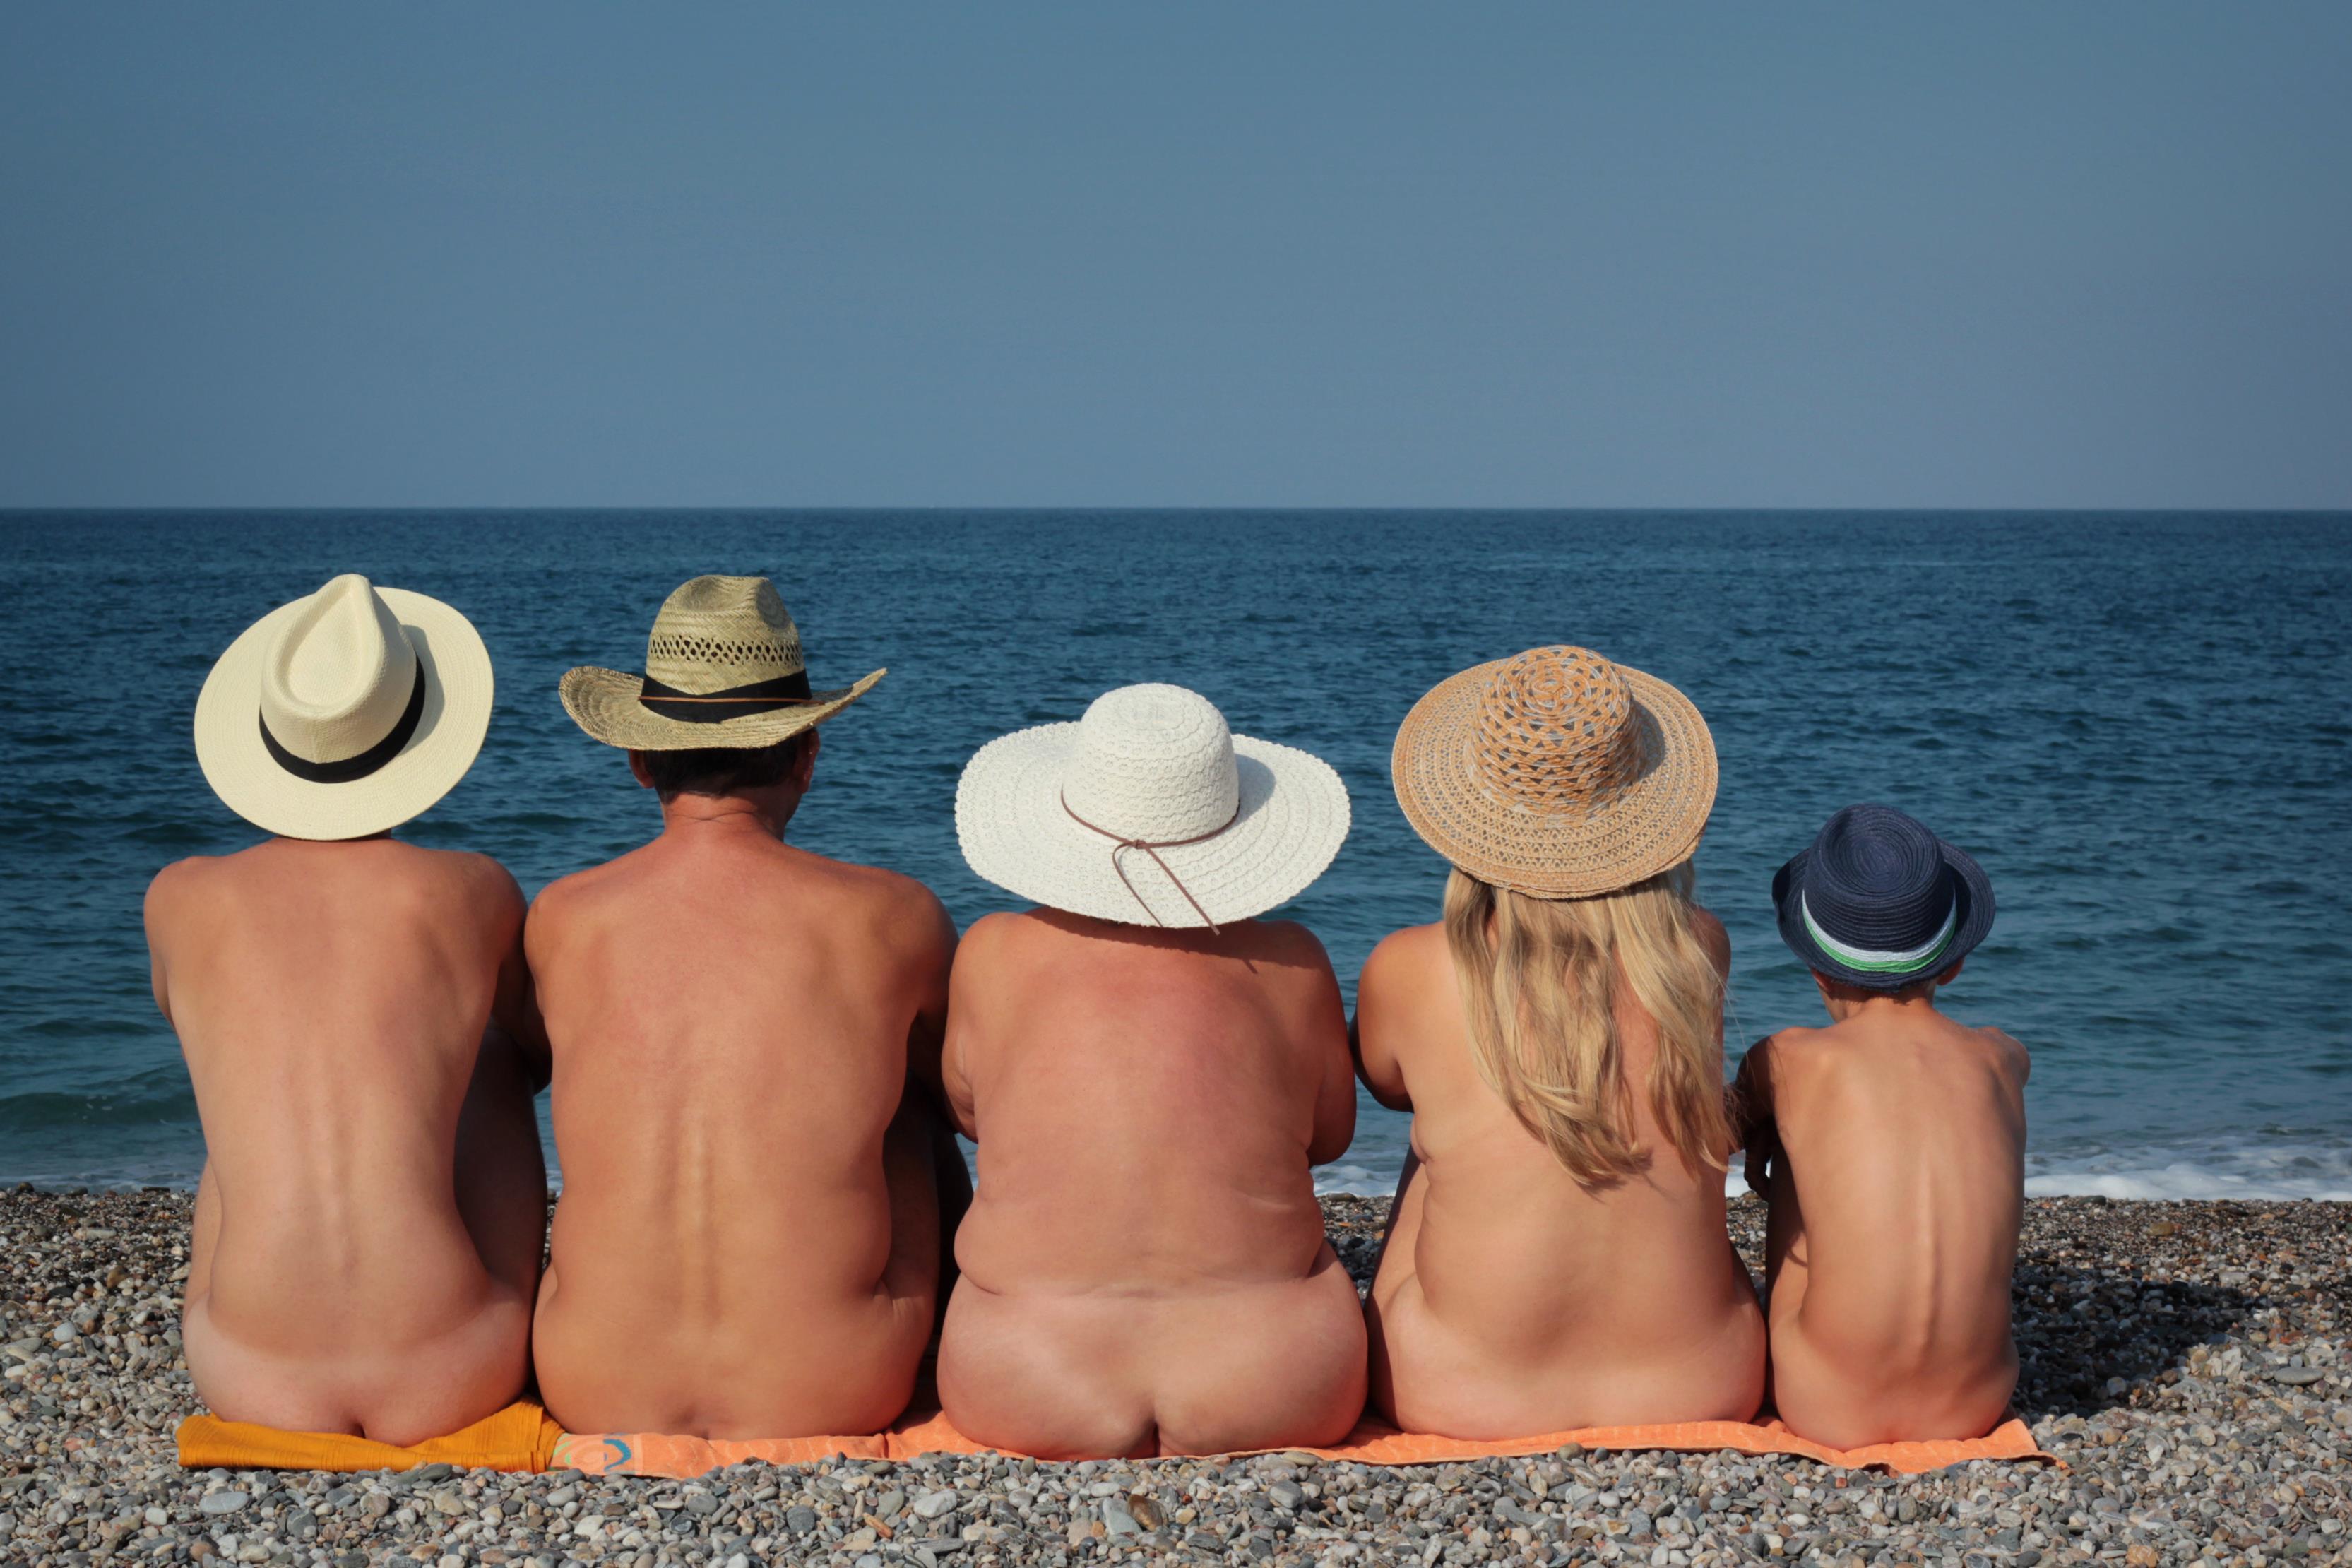 fénykép nudisták a pufók a tengerparton)